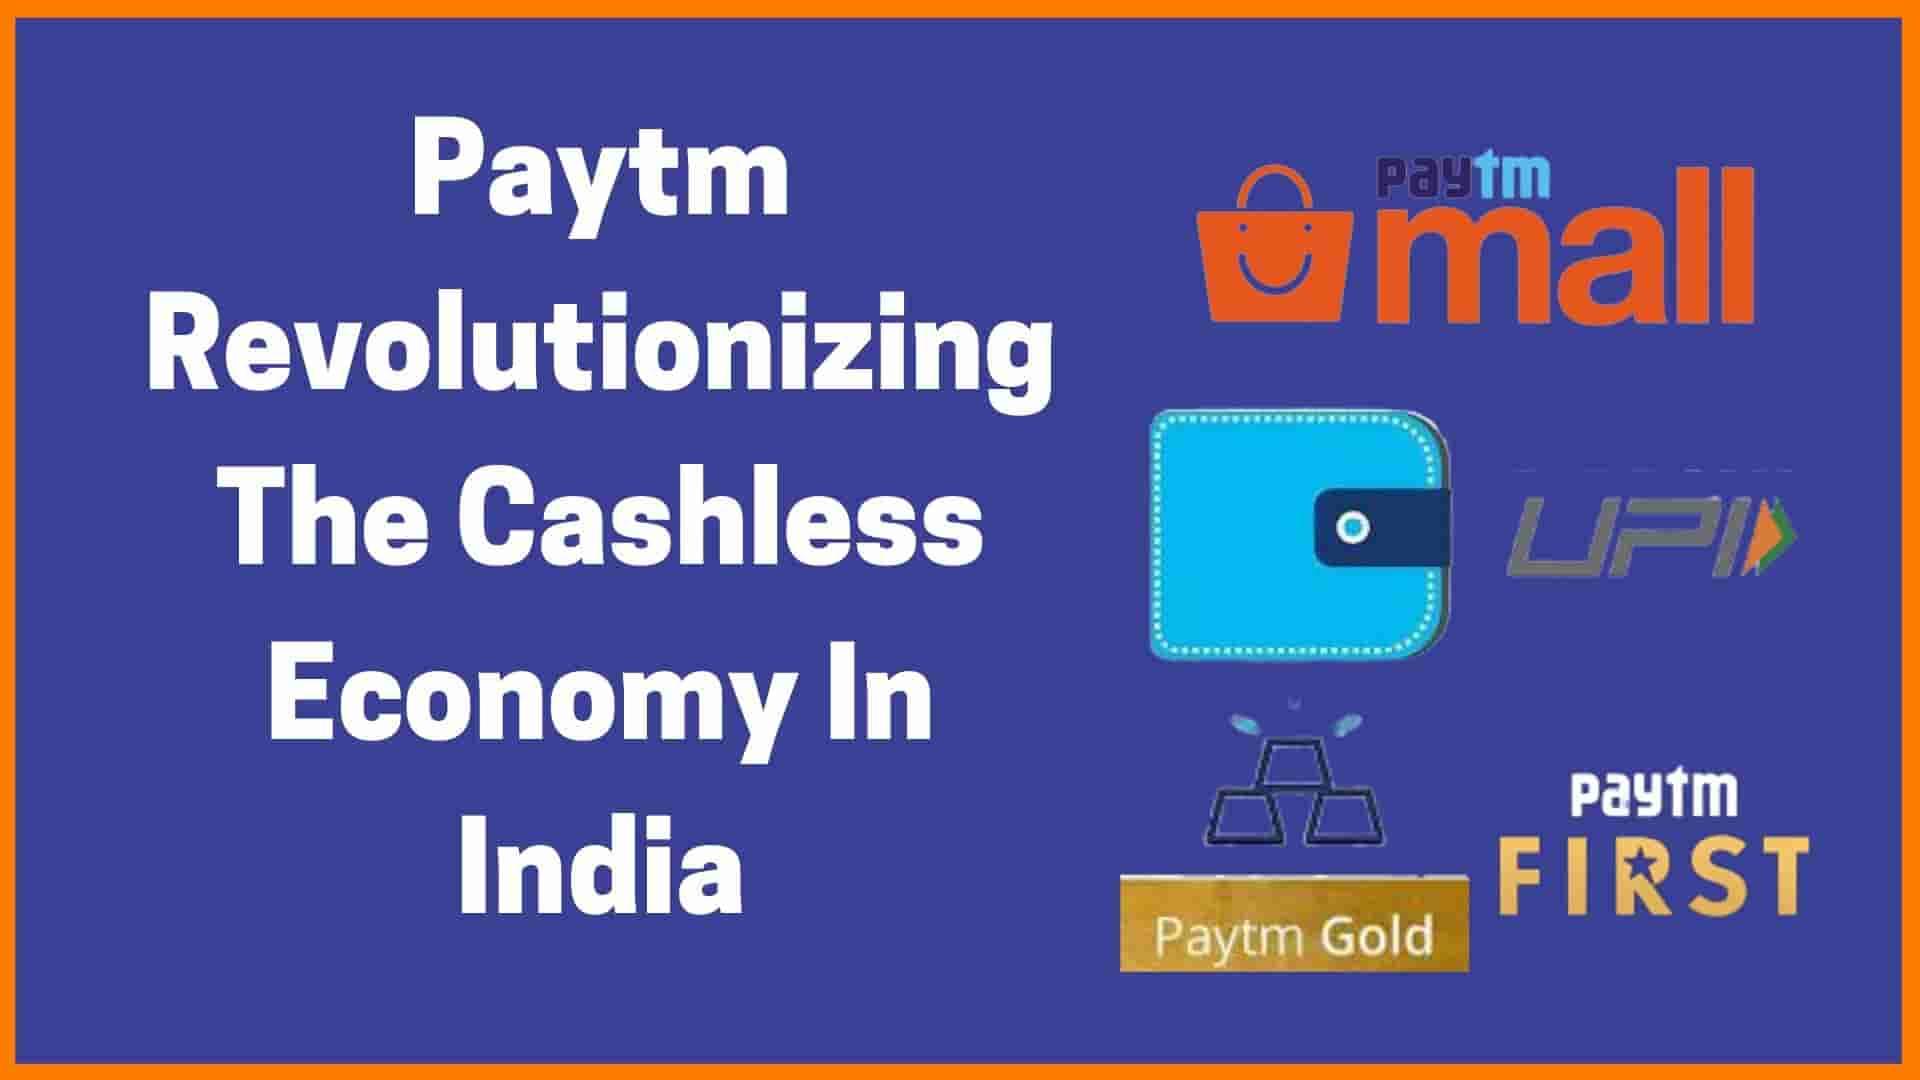 Paytm: Revolutionizing The Cashless Economy In India [Paytm Case Study]